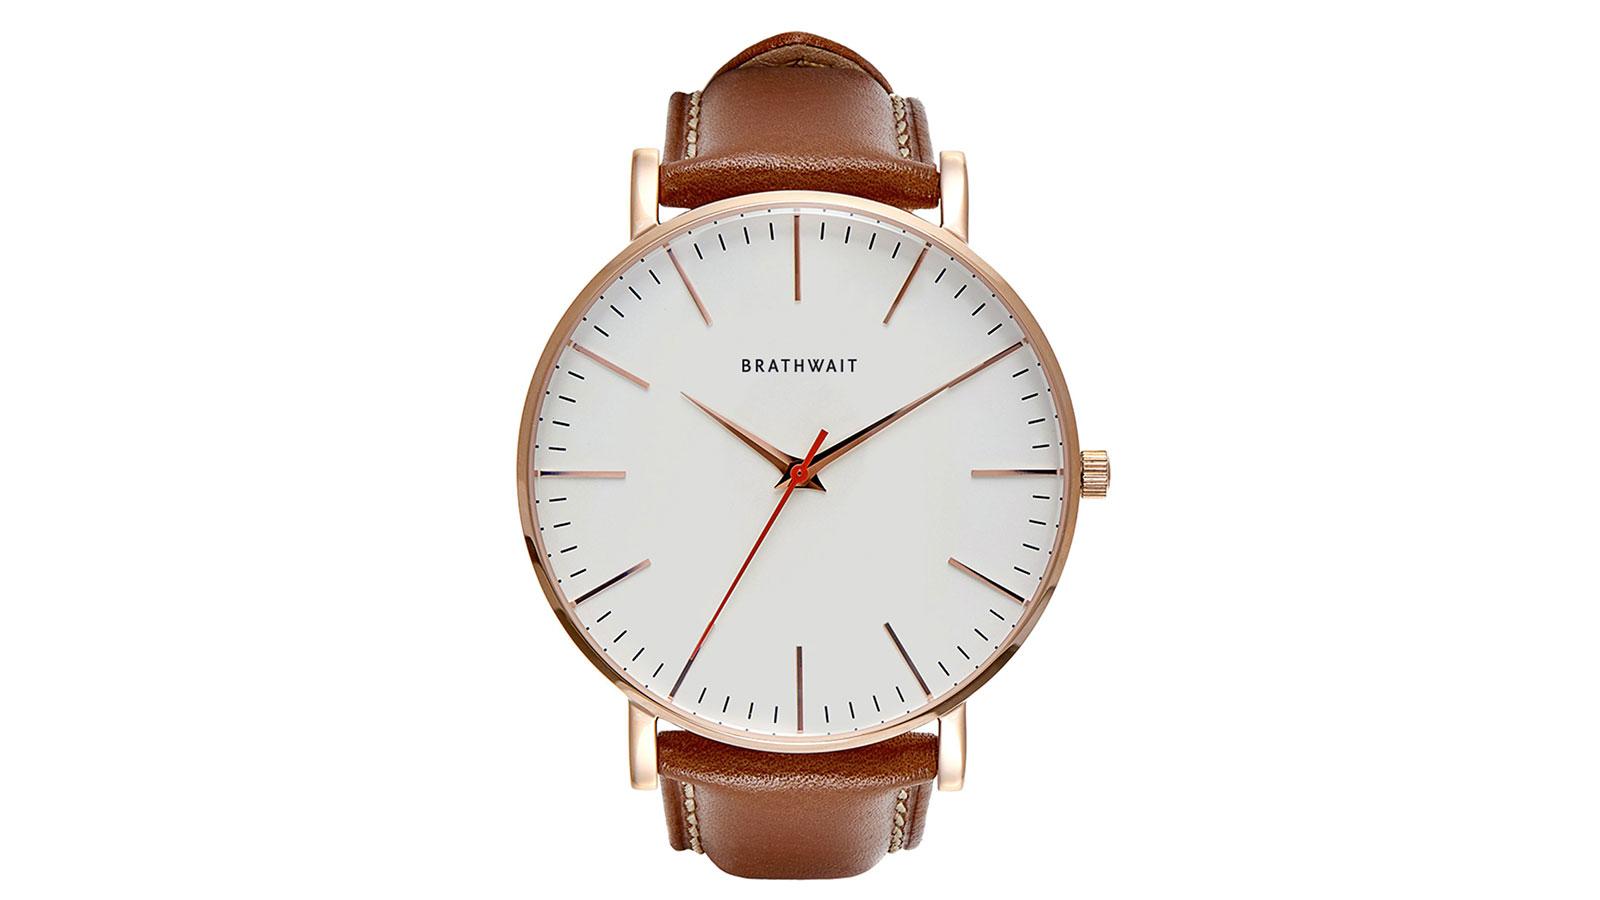 Brathwait The Classic Slim Watch   best men's watches under $300